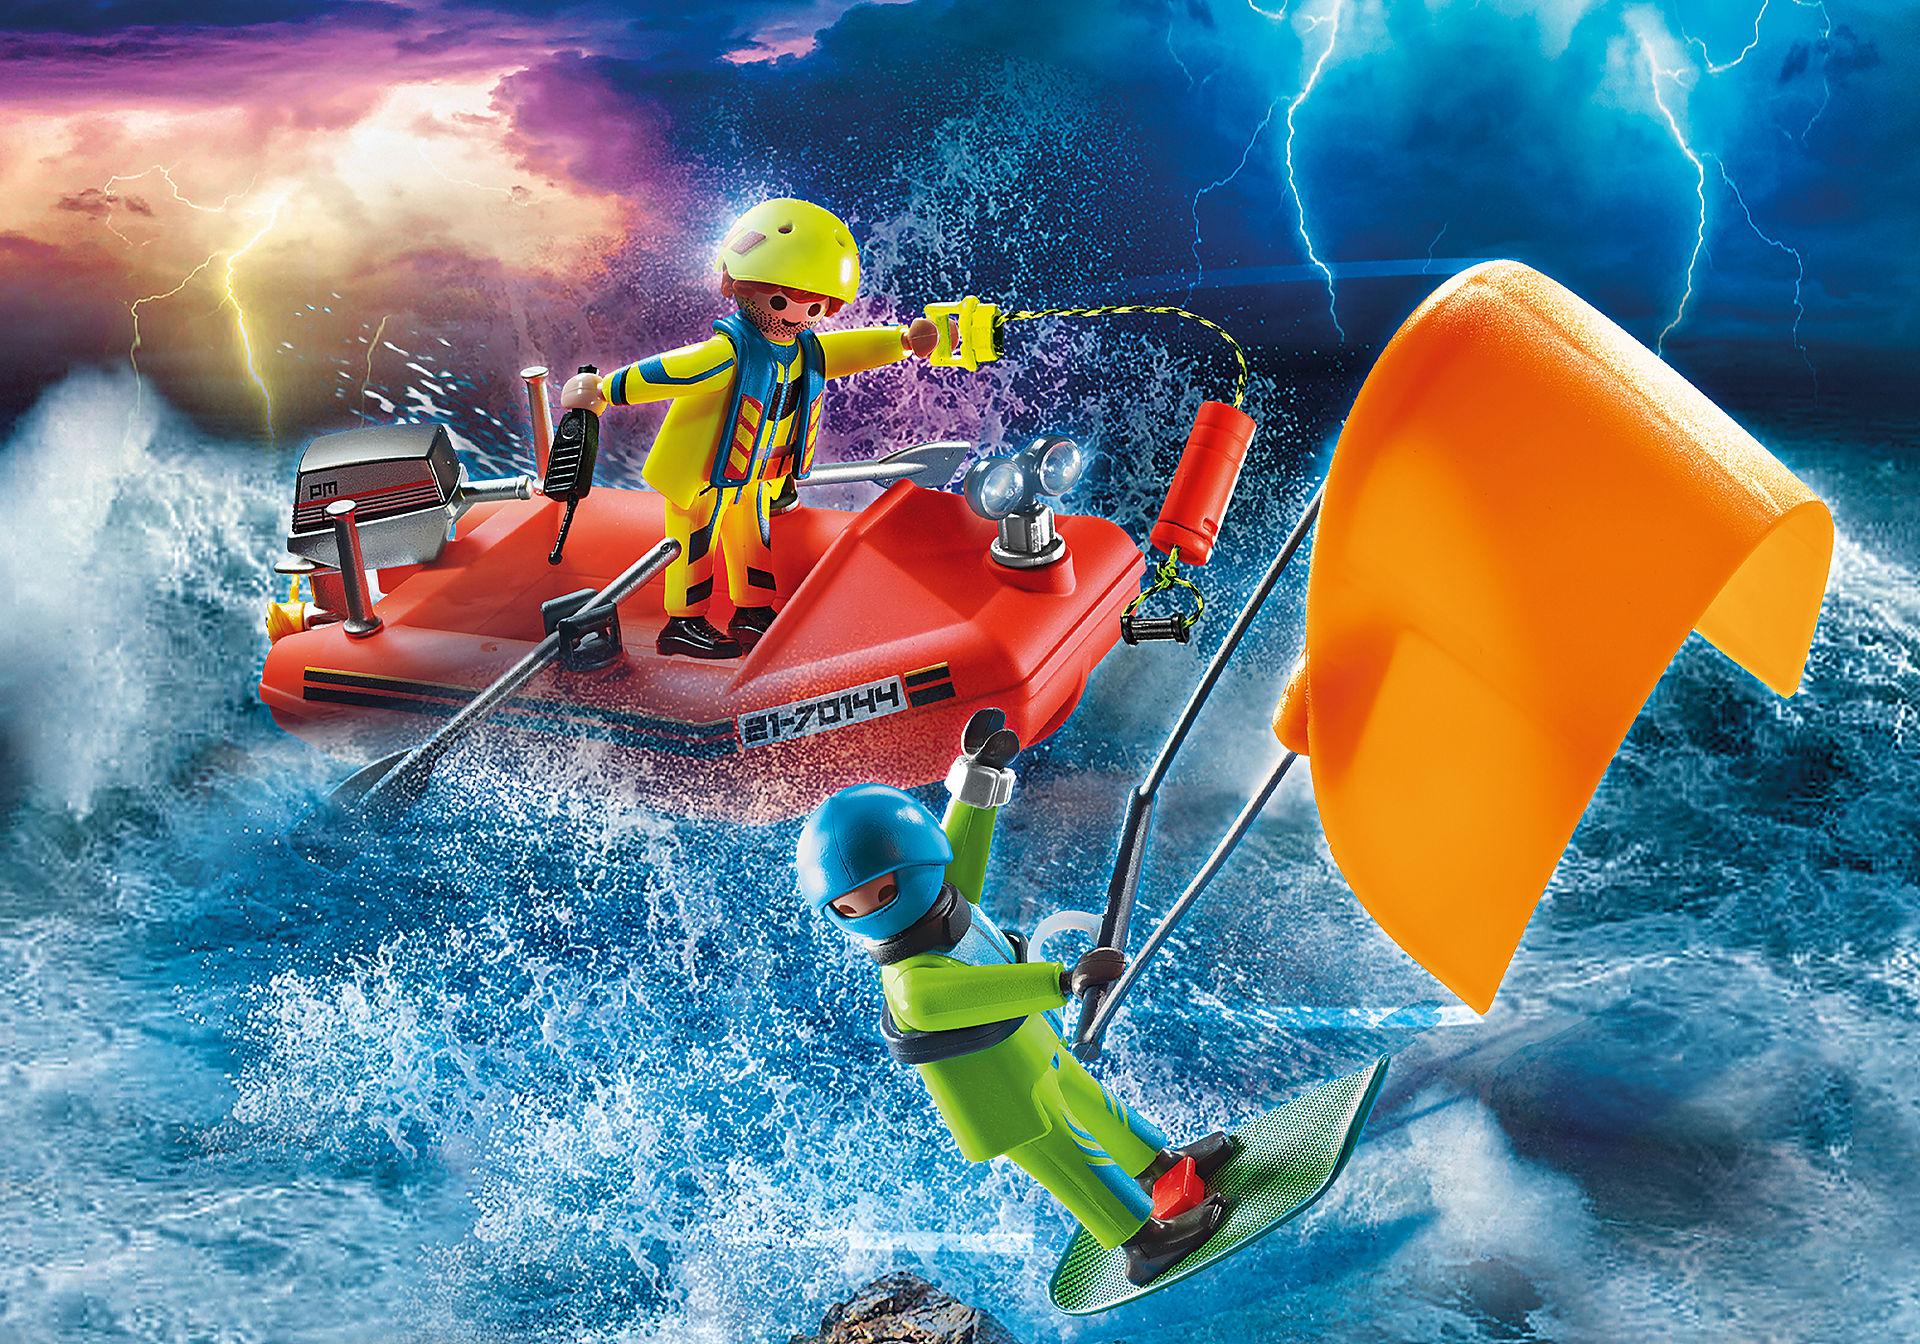 70144 Skibsredning: Kitesurferredning med båd zoom image1